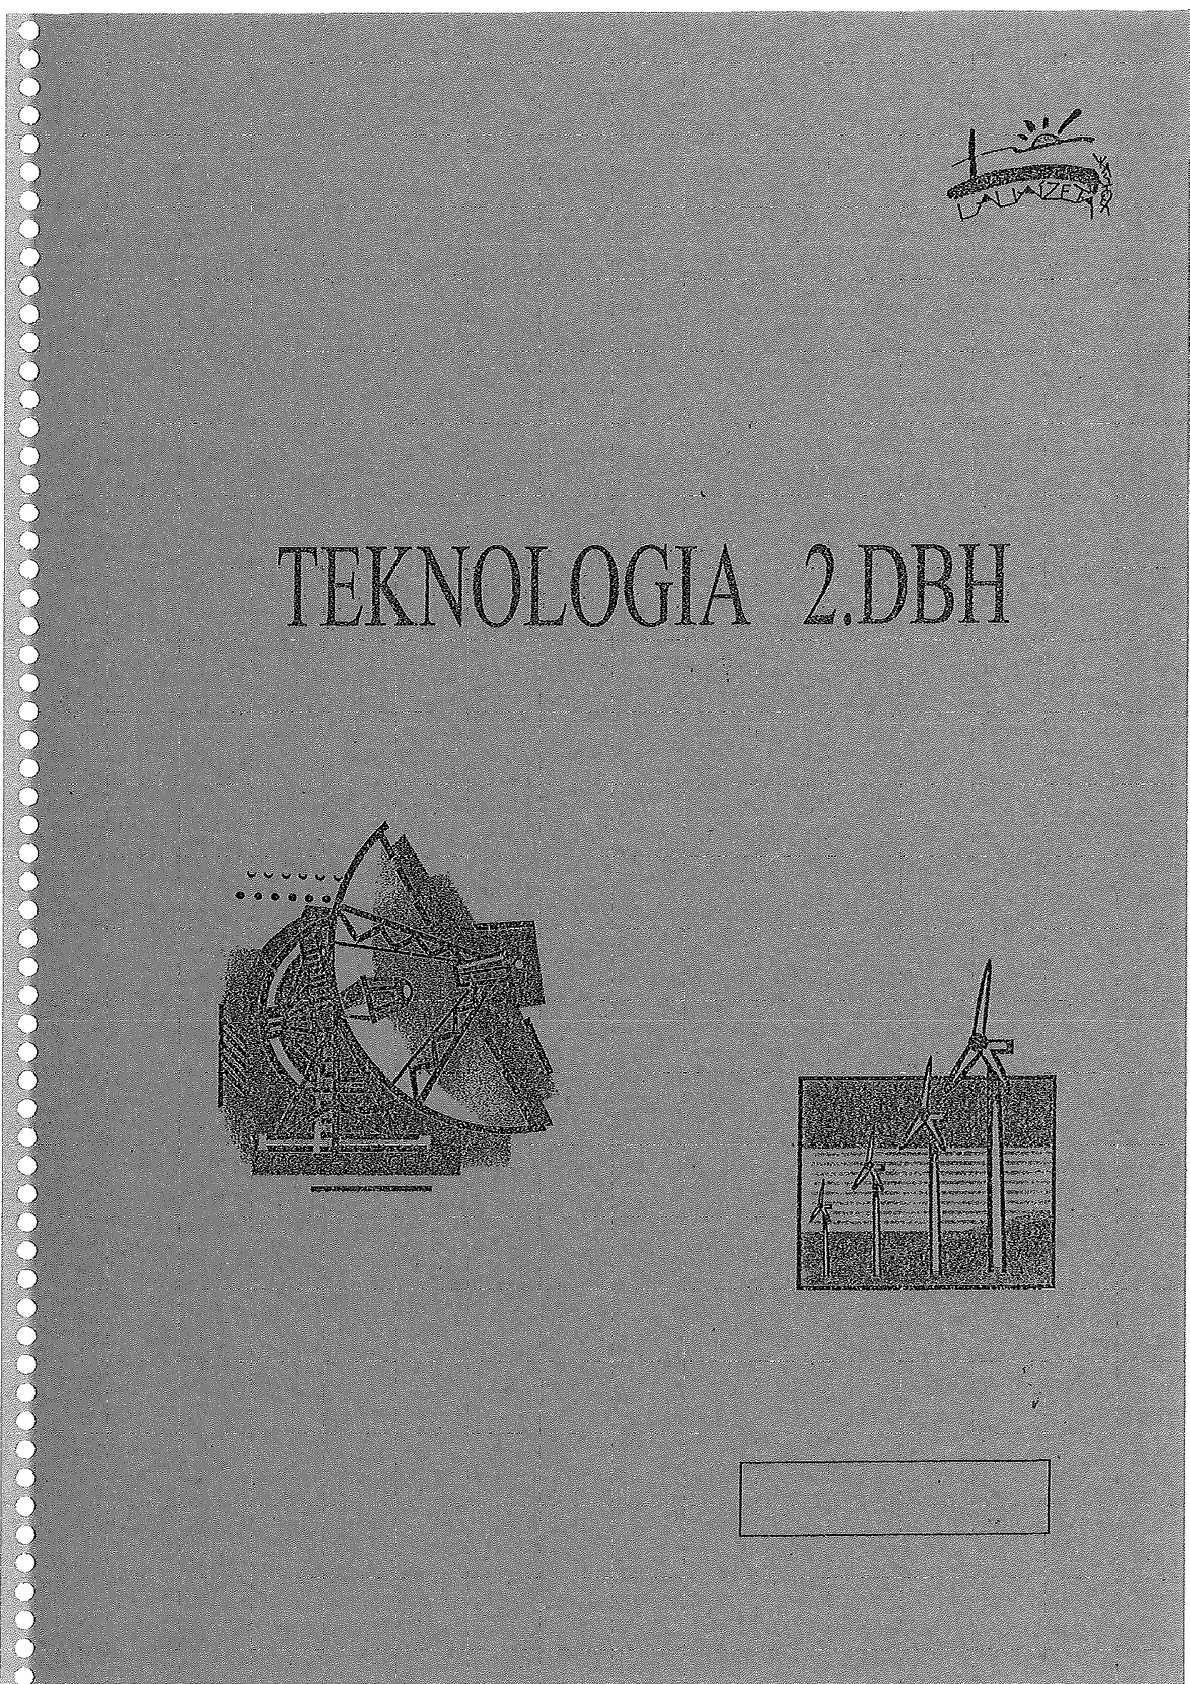 2.DBH TEKNOLOGIA